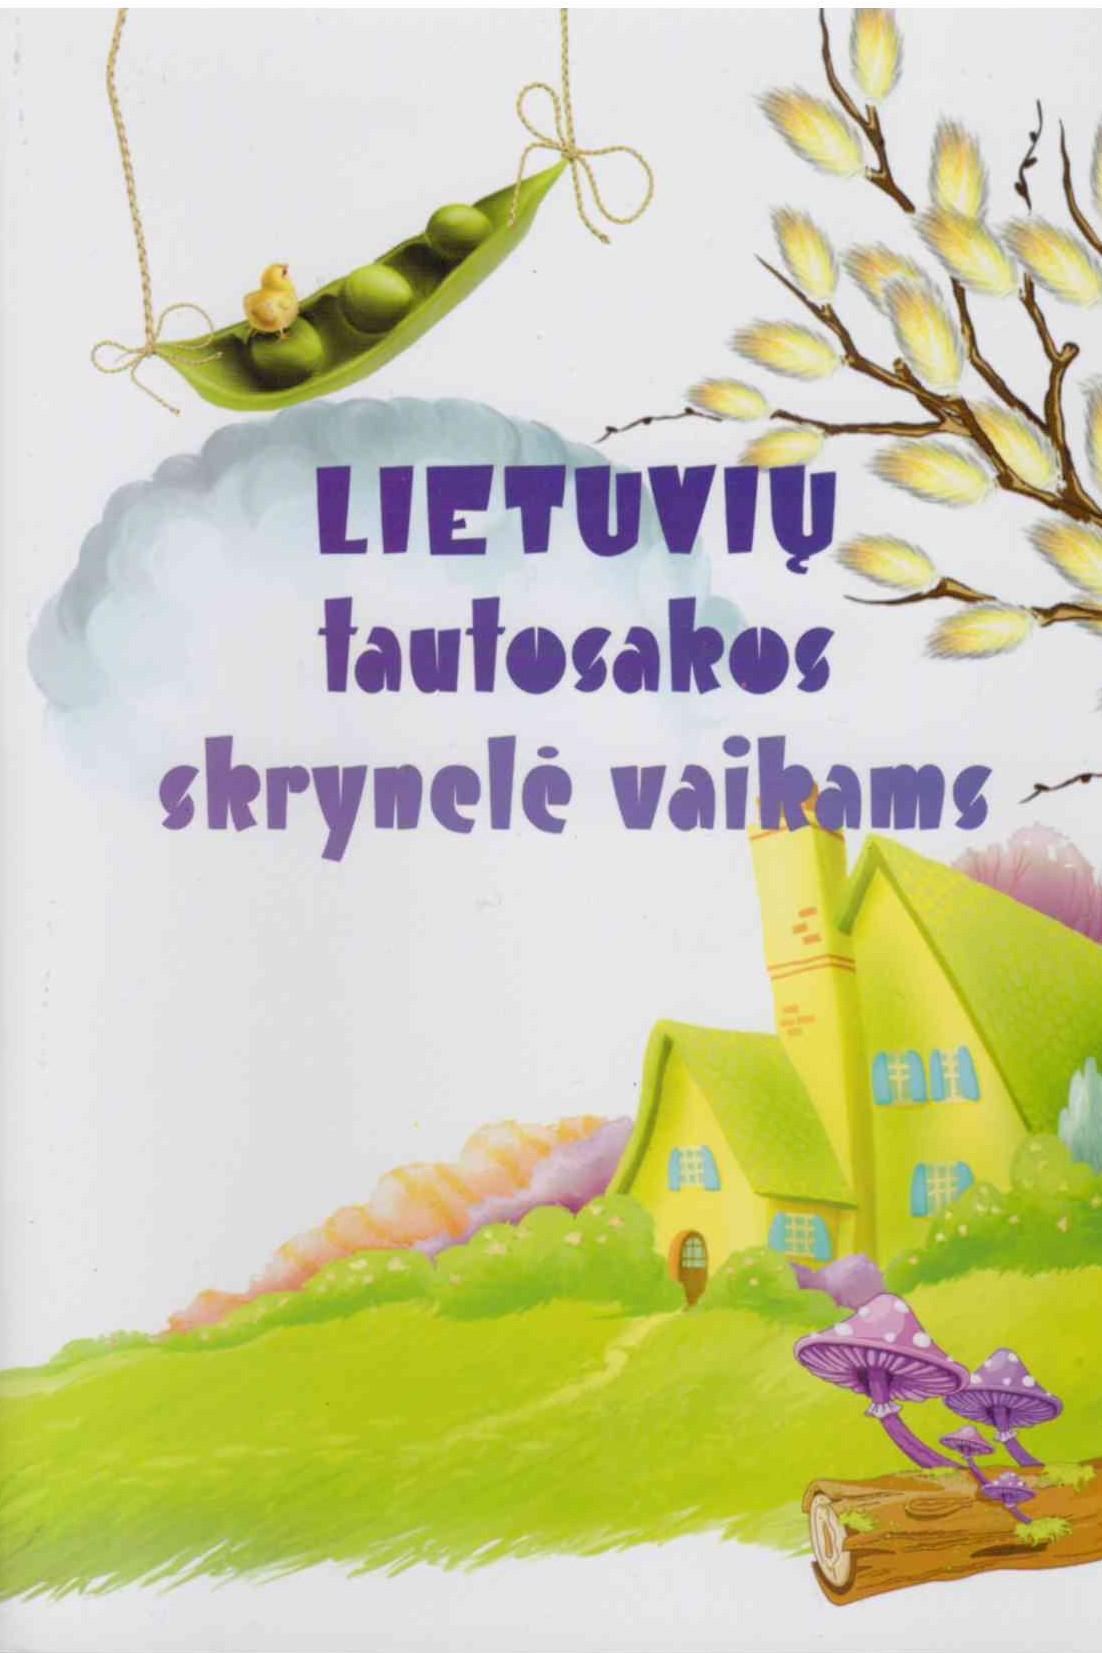 Lietuvių tautosakos skrynelė vaikams